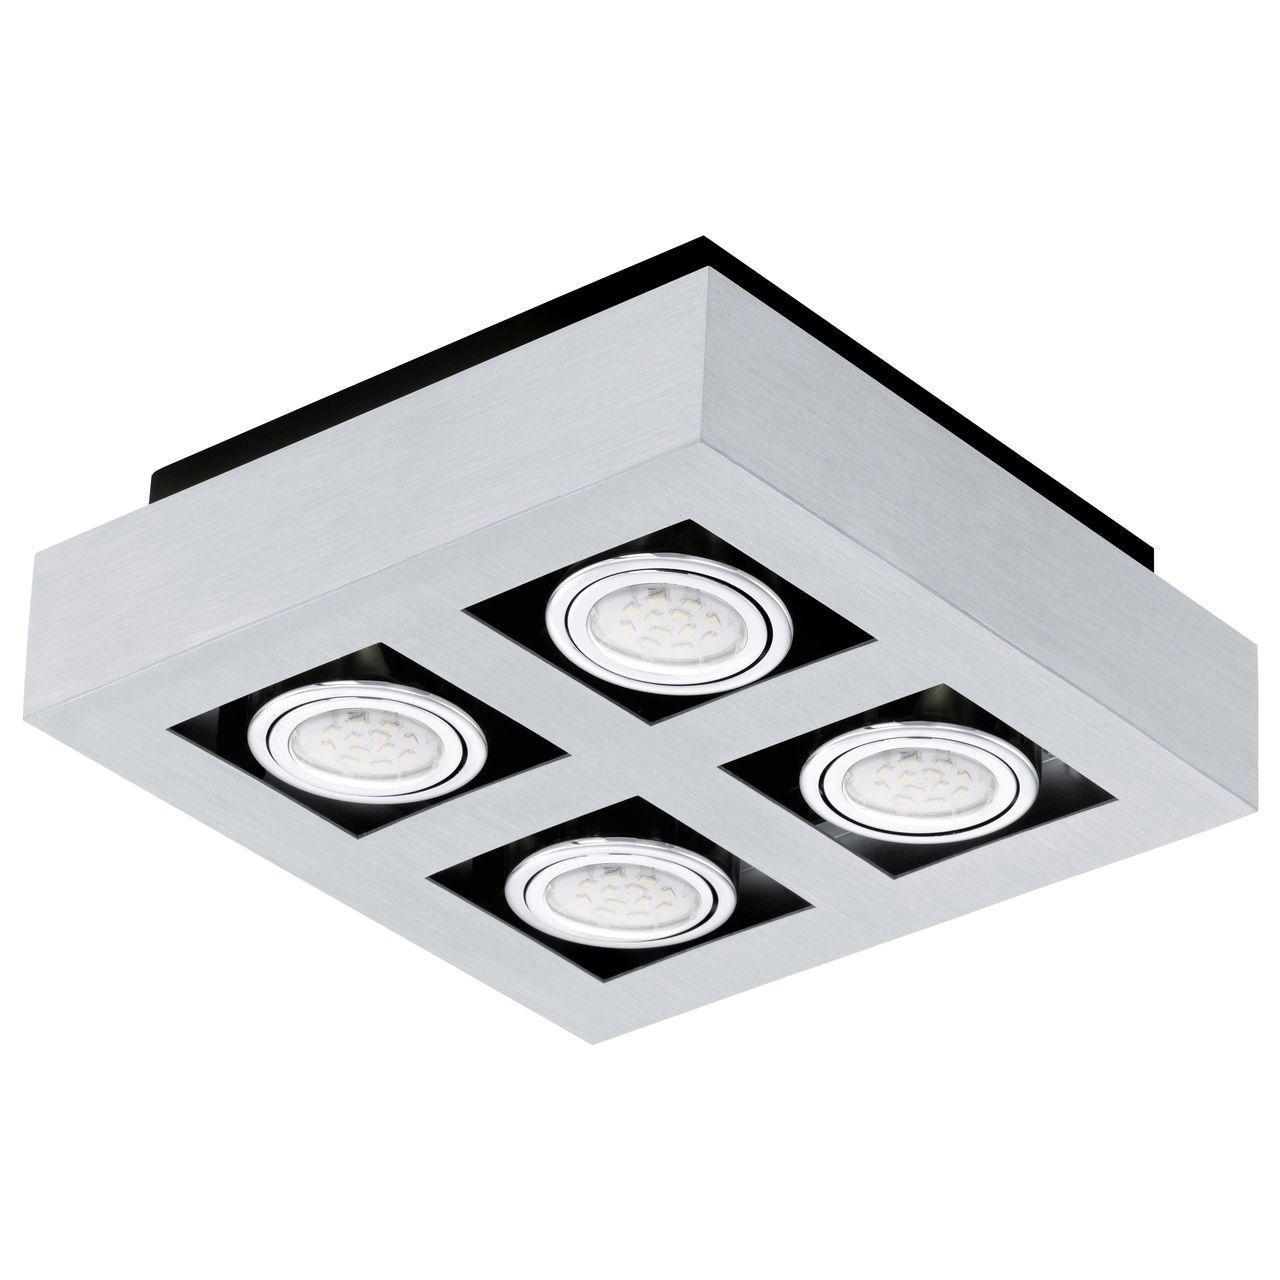 Потолочный светильник Eglo Loke 1 91355 eglo потолочный светильник eglo loke 1 91352